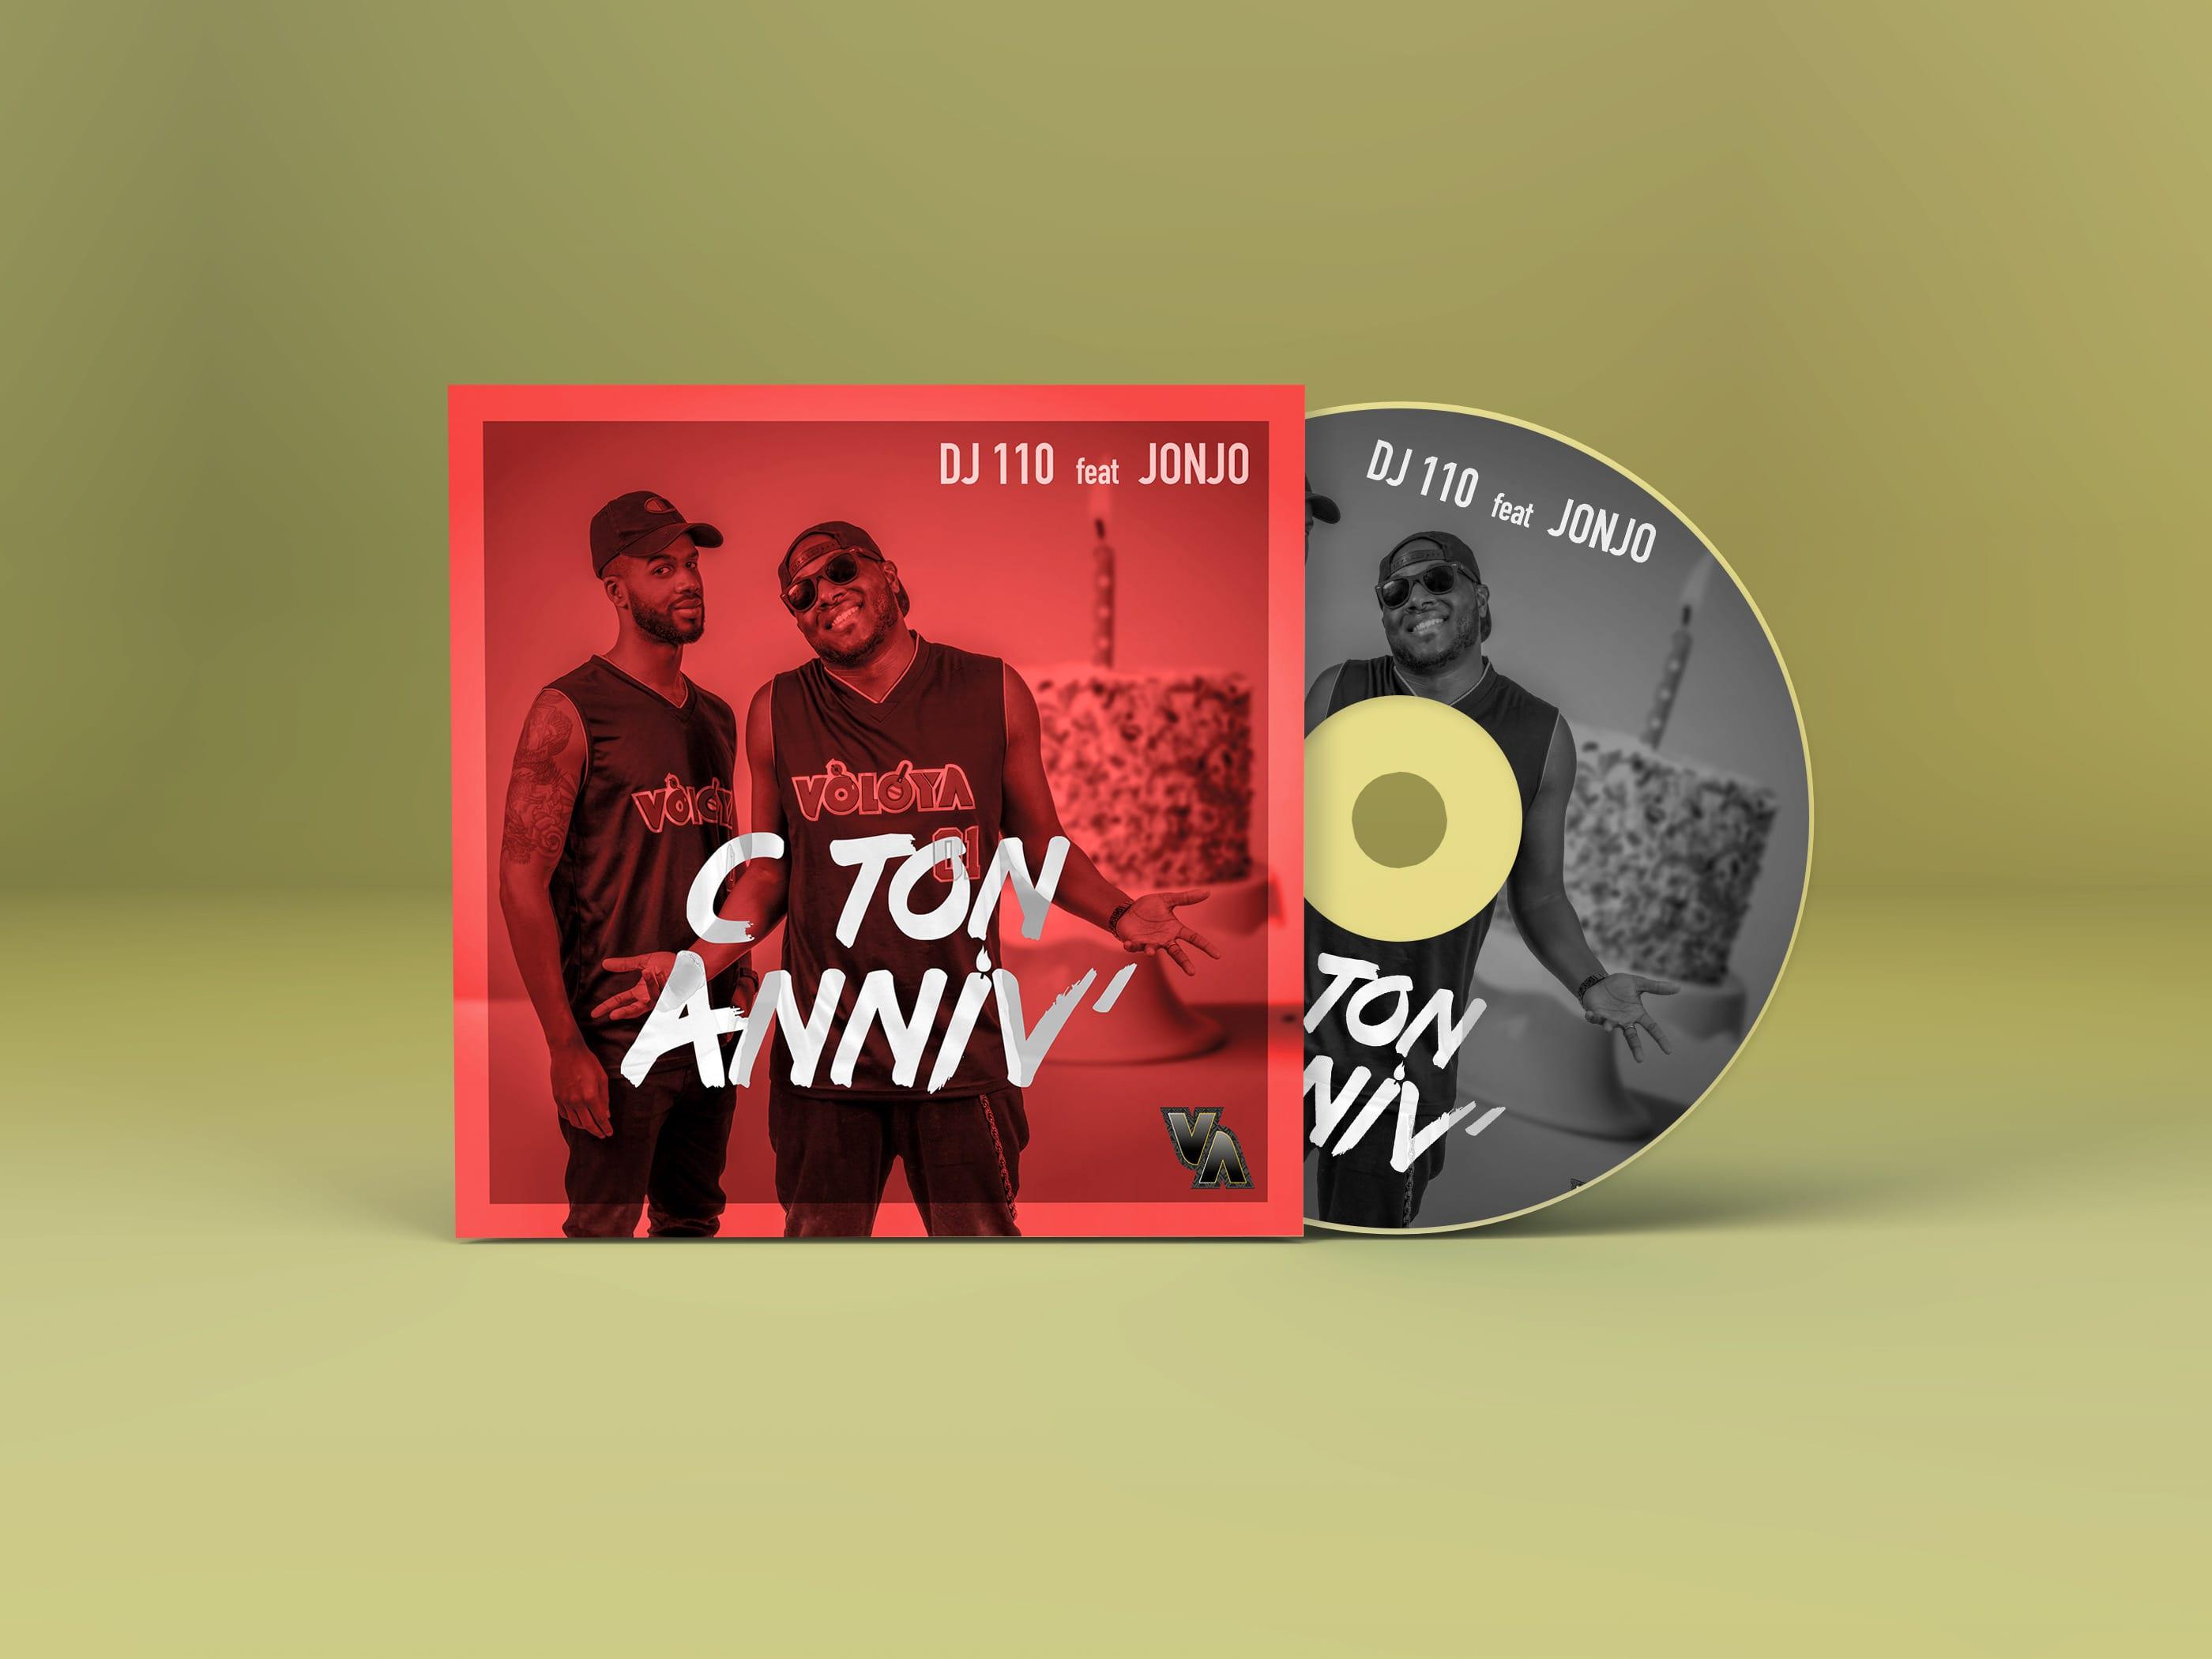 """image de la cover pour le single """"c'est ton anniv"""" jonjo feat dj 110, VOLOYA musique"""